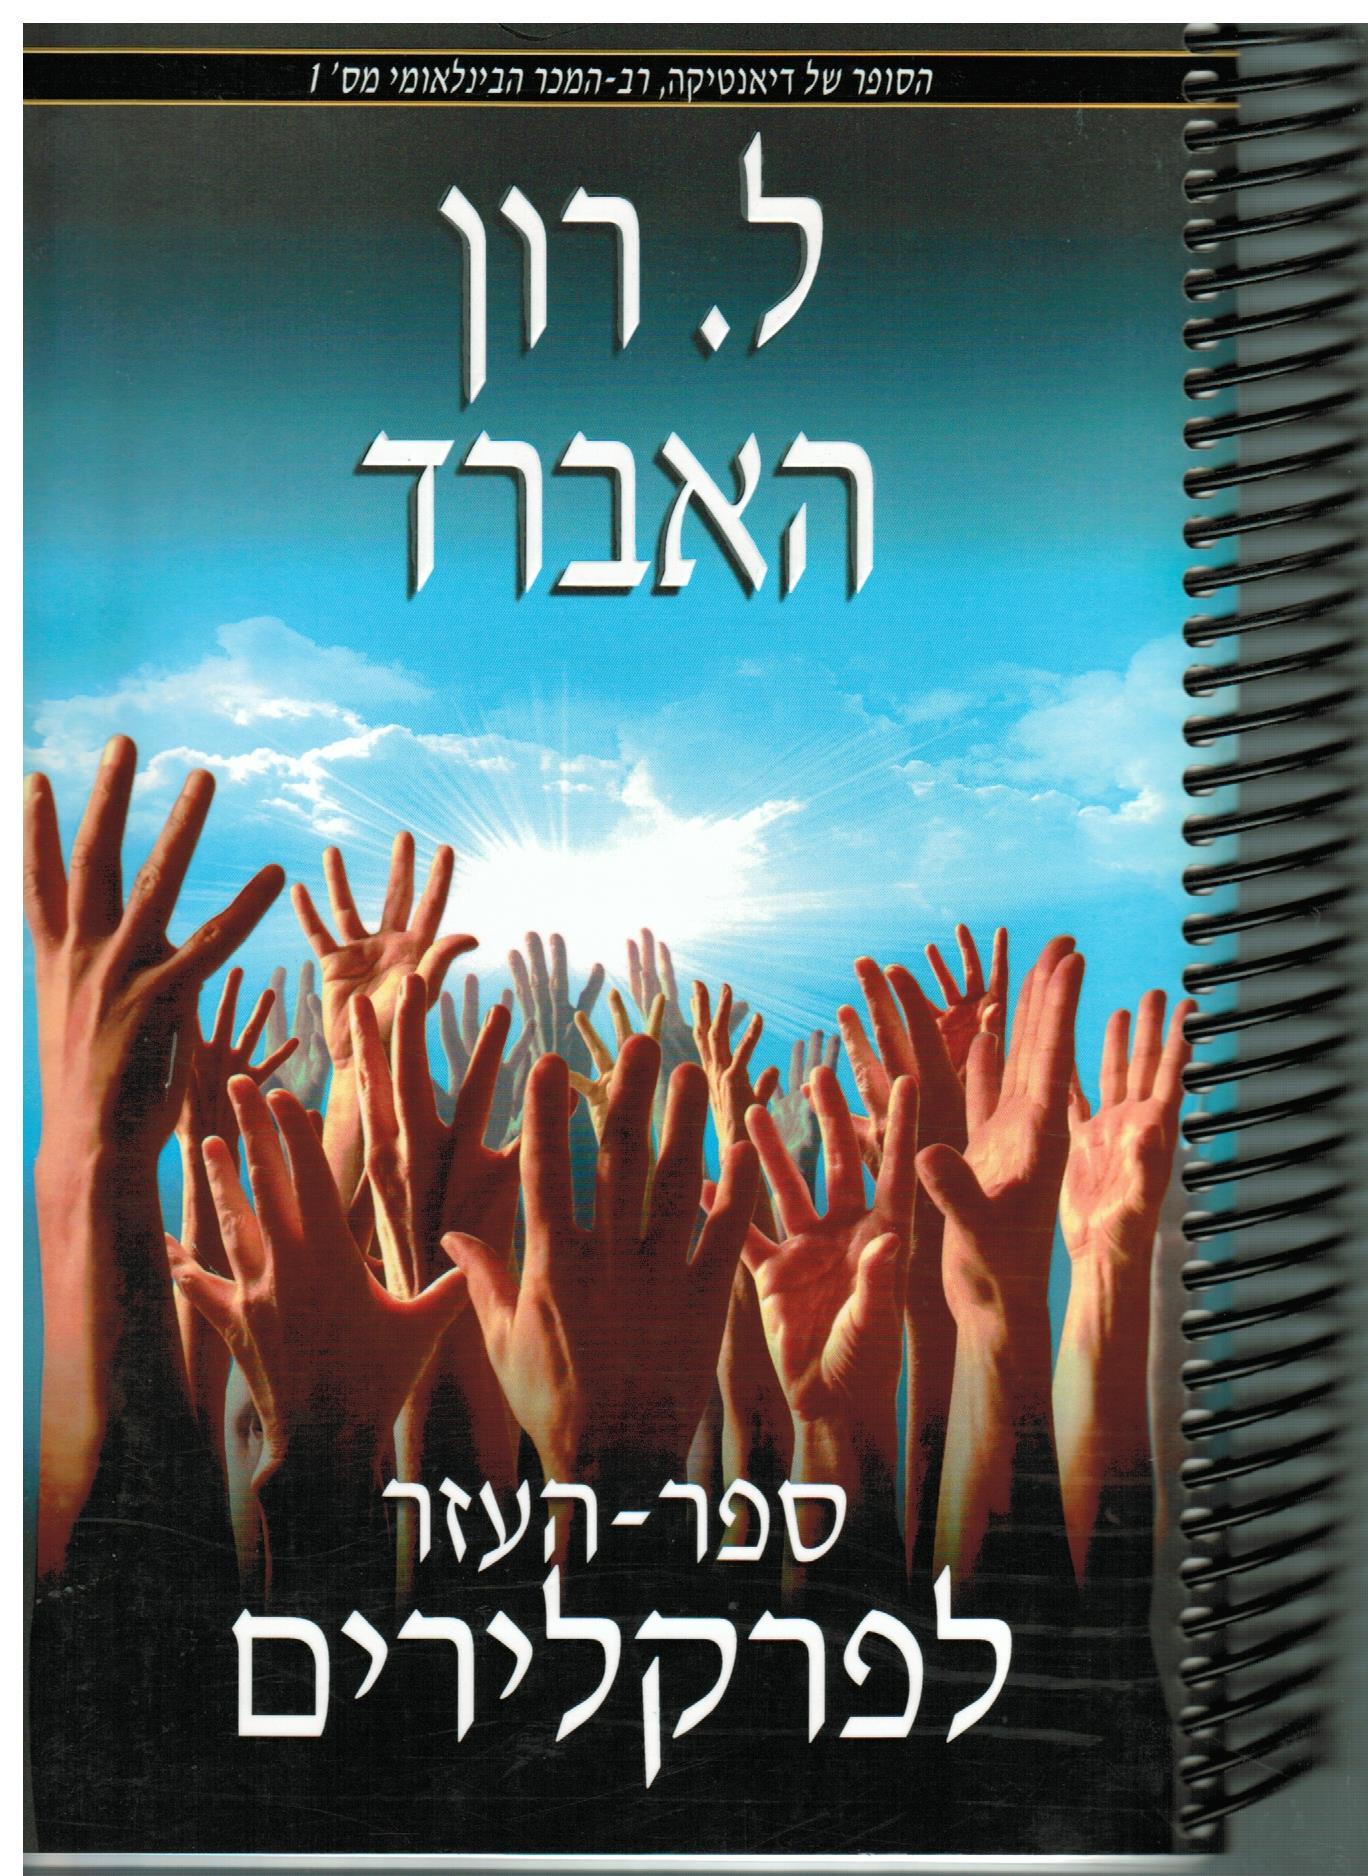 ספר עזר לפרקלירים - ספר לעבודה עצמית